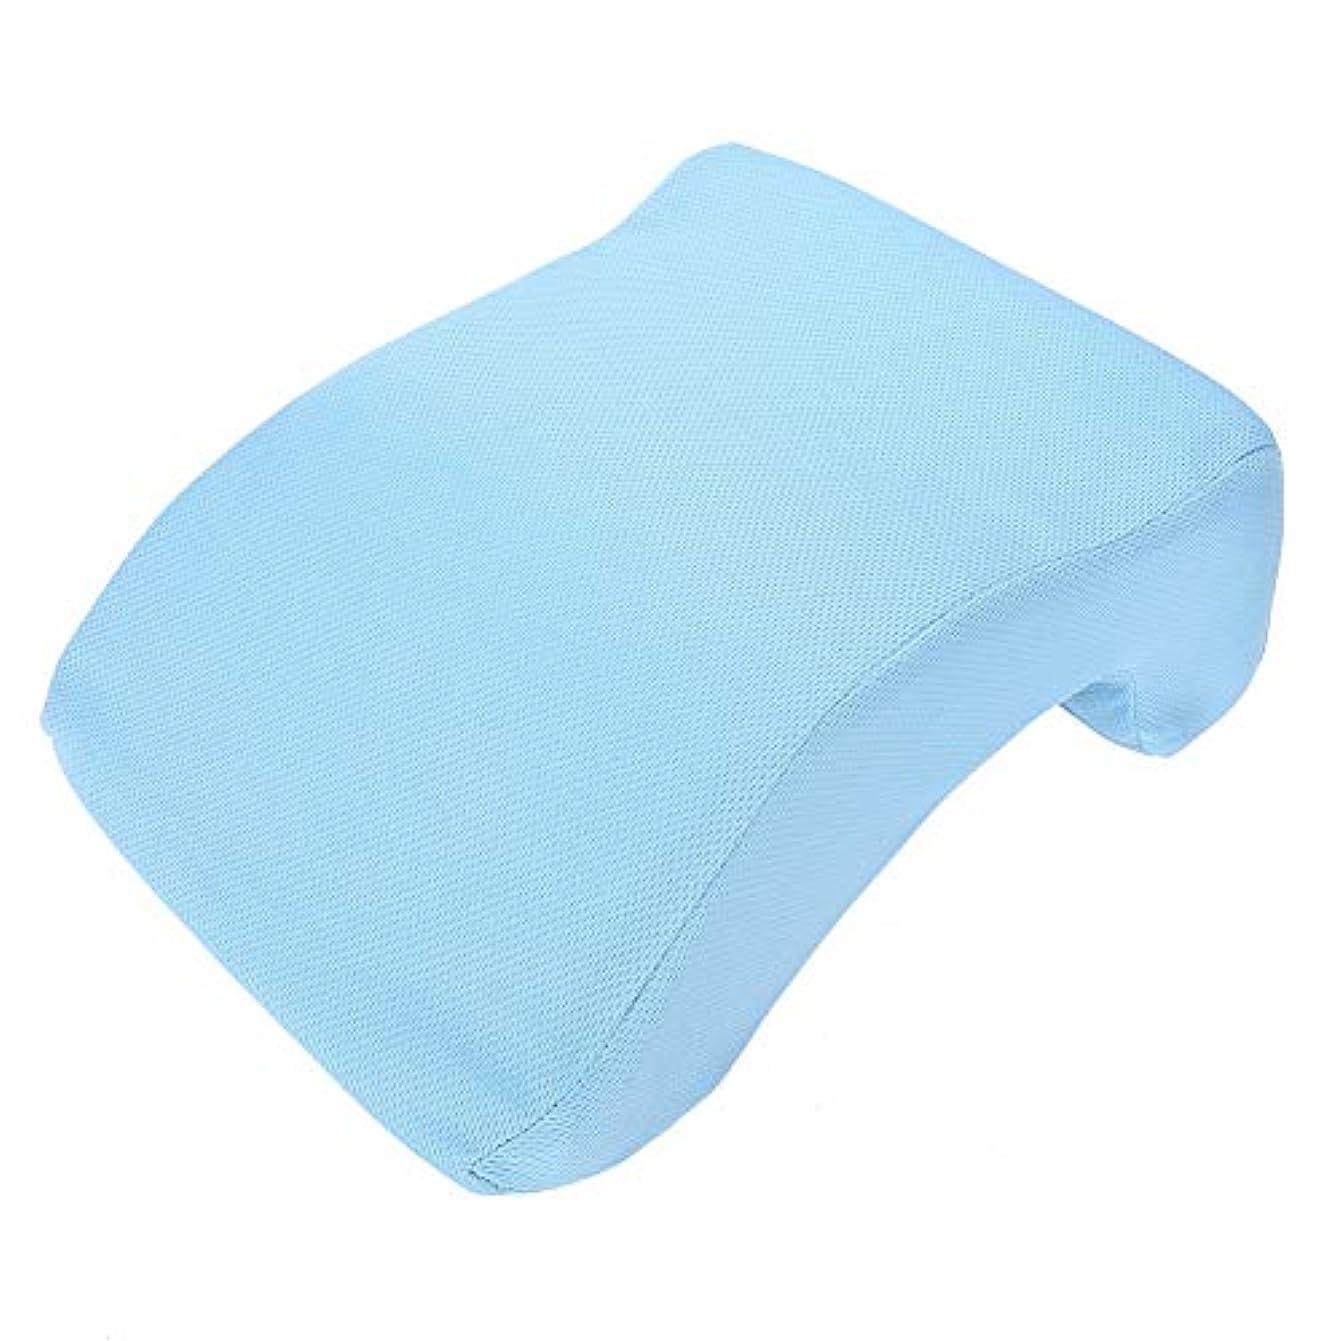 ユーザーカカドゥシンク低反発まくら ピロー マッサージ枕 首?頭?肩をやさしく支える 安眠枕 快眠グッズ 柔らかい 洗えるやすい